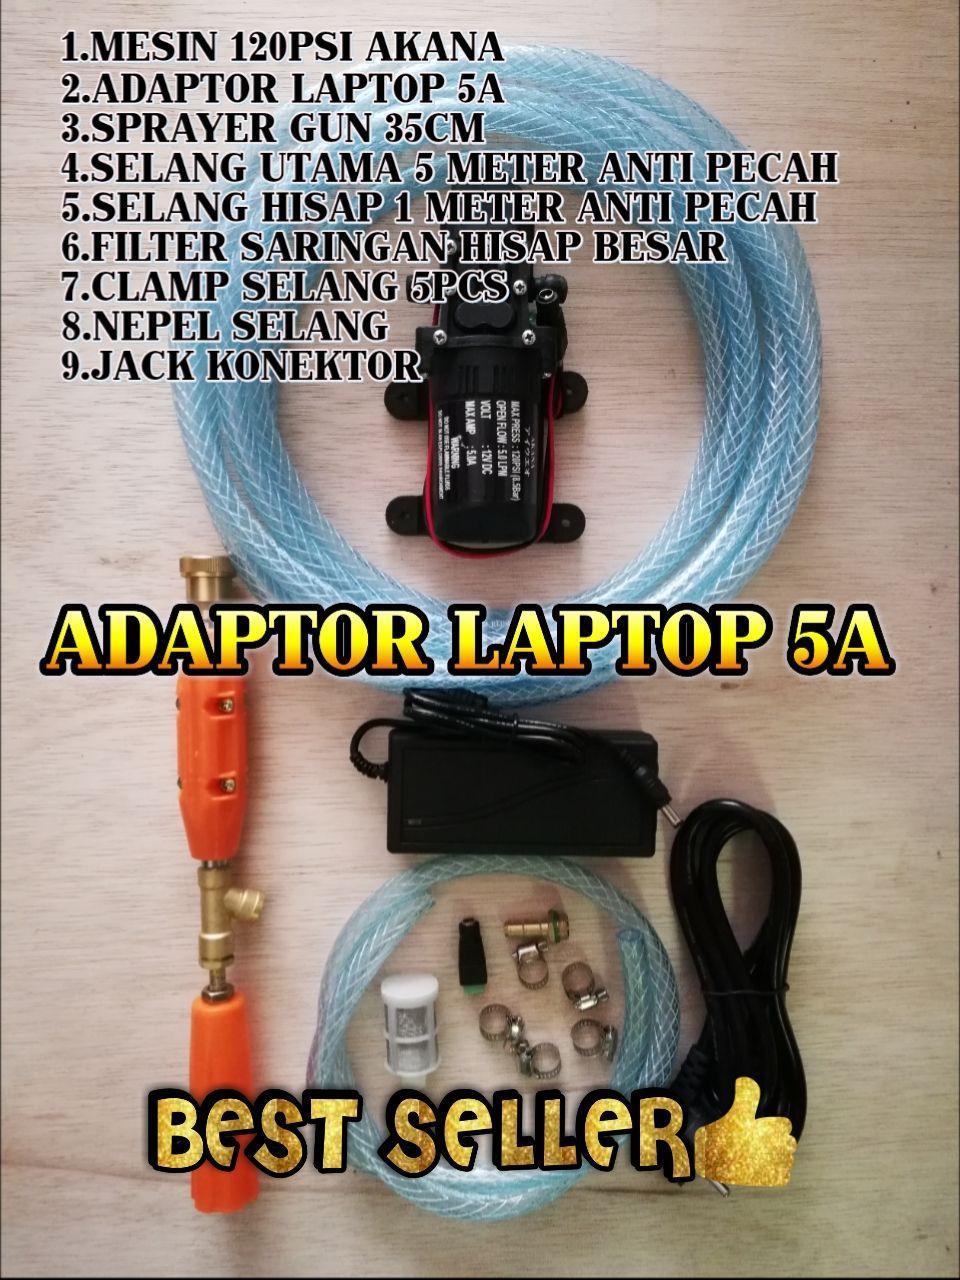 Mesin Cuci Steam Portable 5Meter Waterpump Paket Pompa Air DC Doorsmeer Mini Rumah Tangga 100Psi  Alat Cuci Motor Mobil Cuci AC